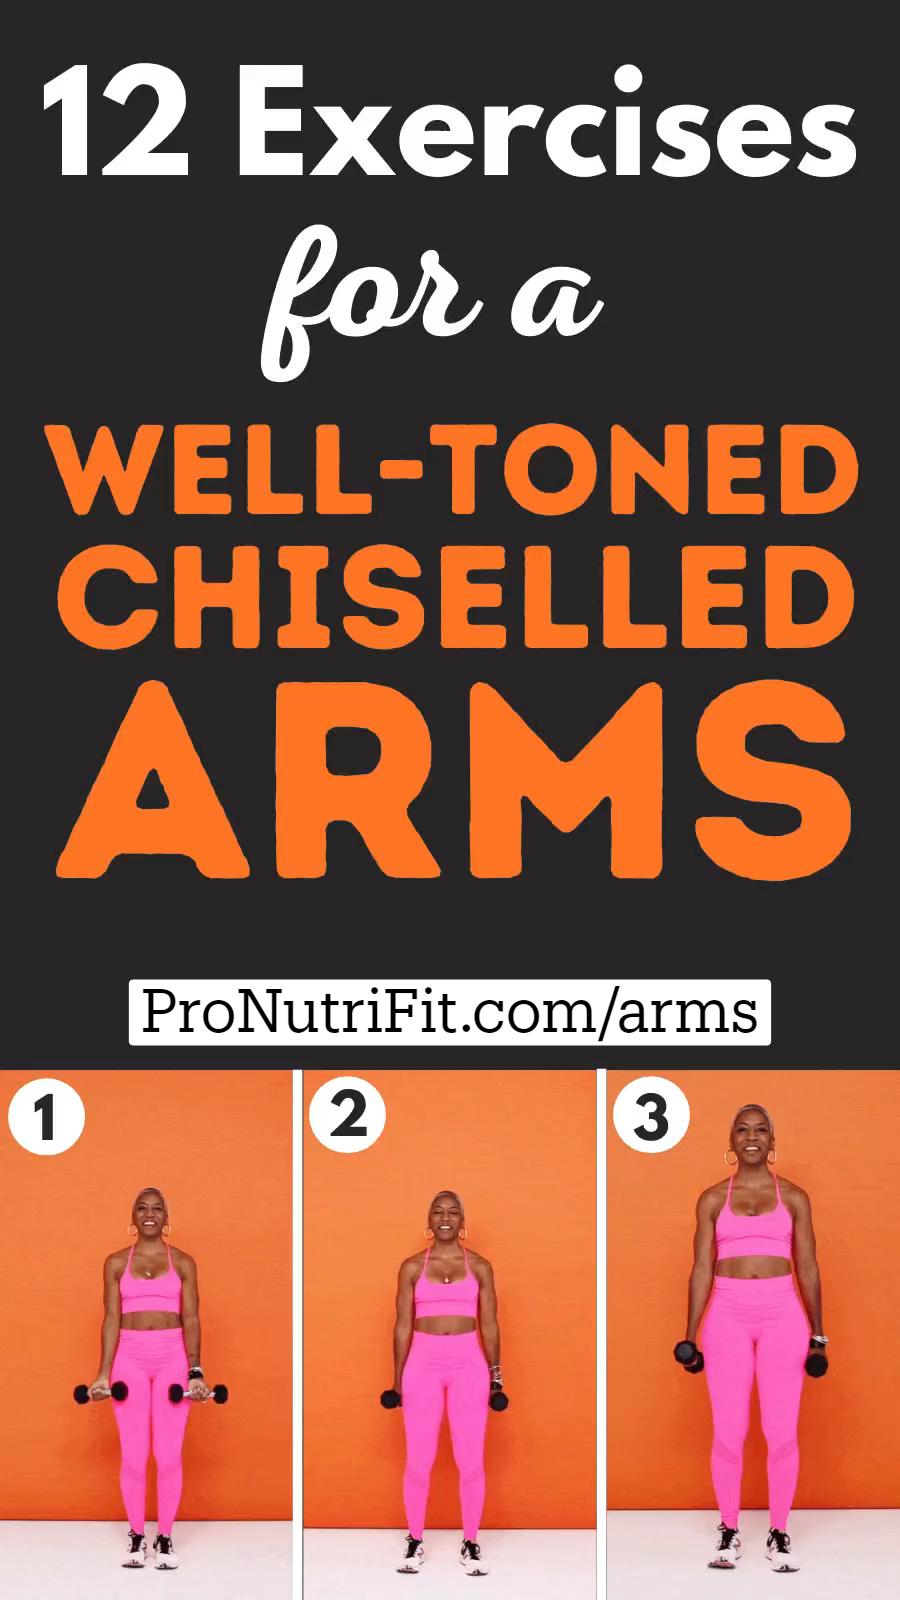 ProNutriFit.com/arms